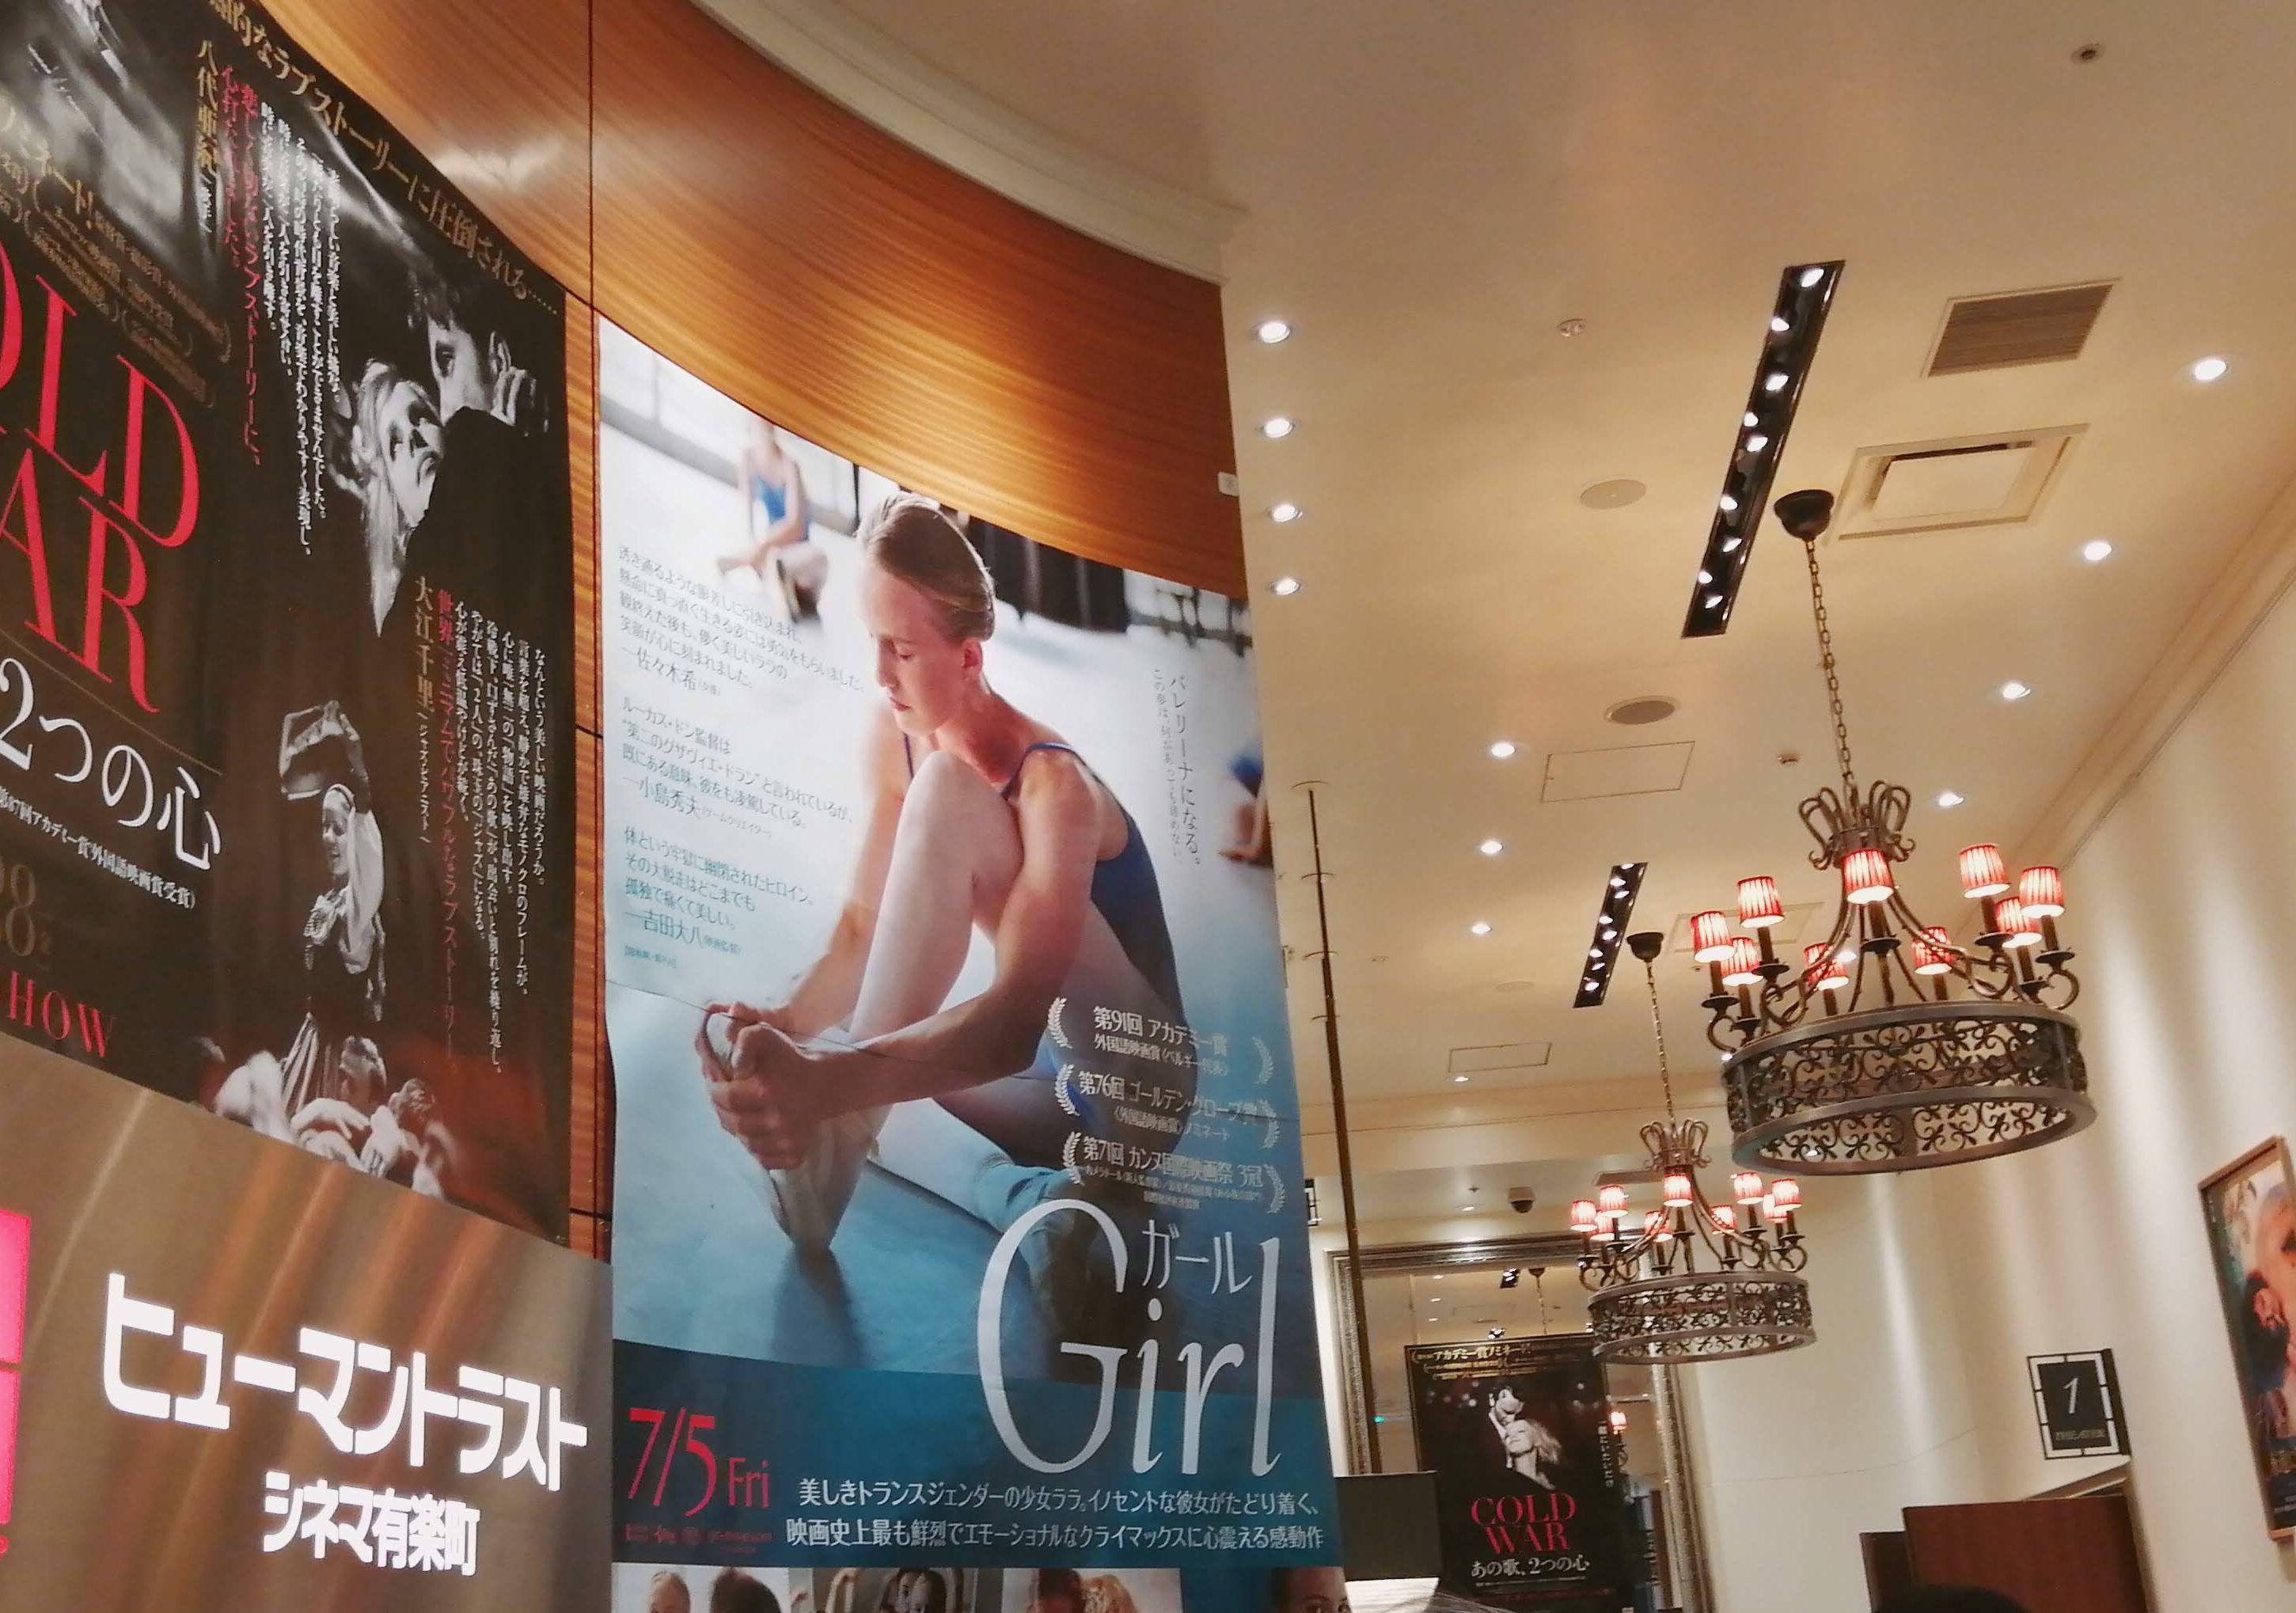 『Girl』を観てきました。